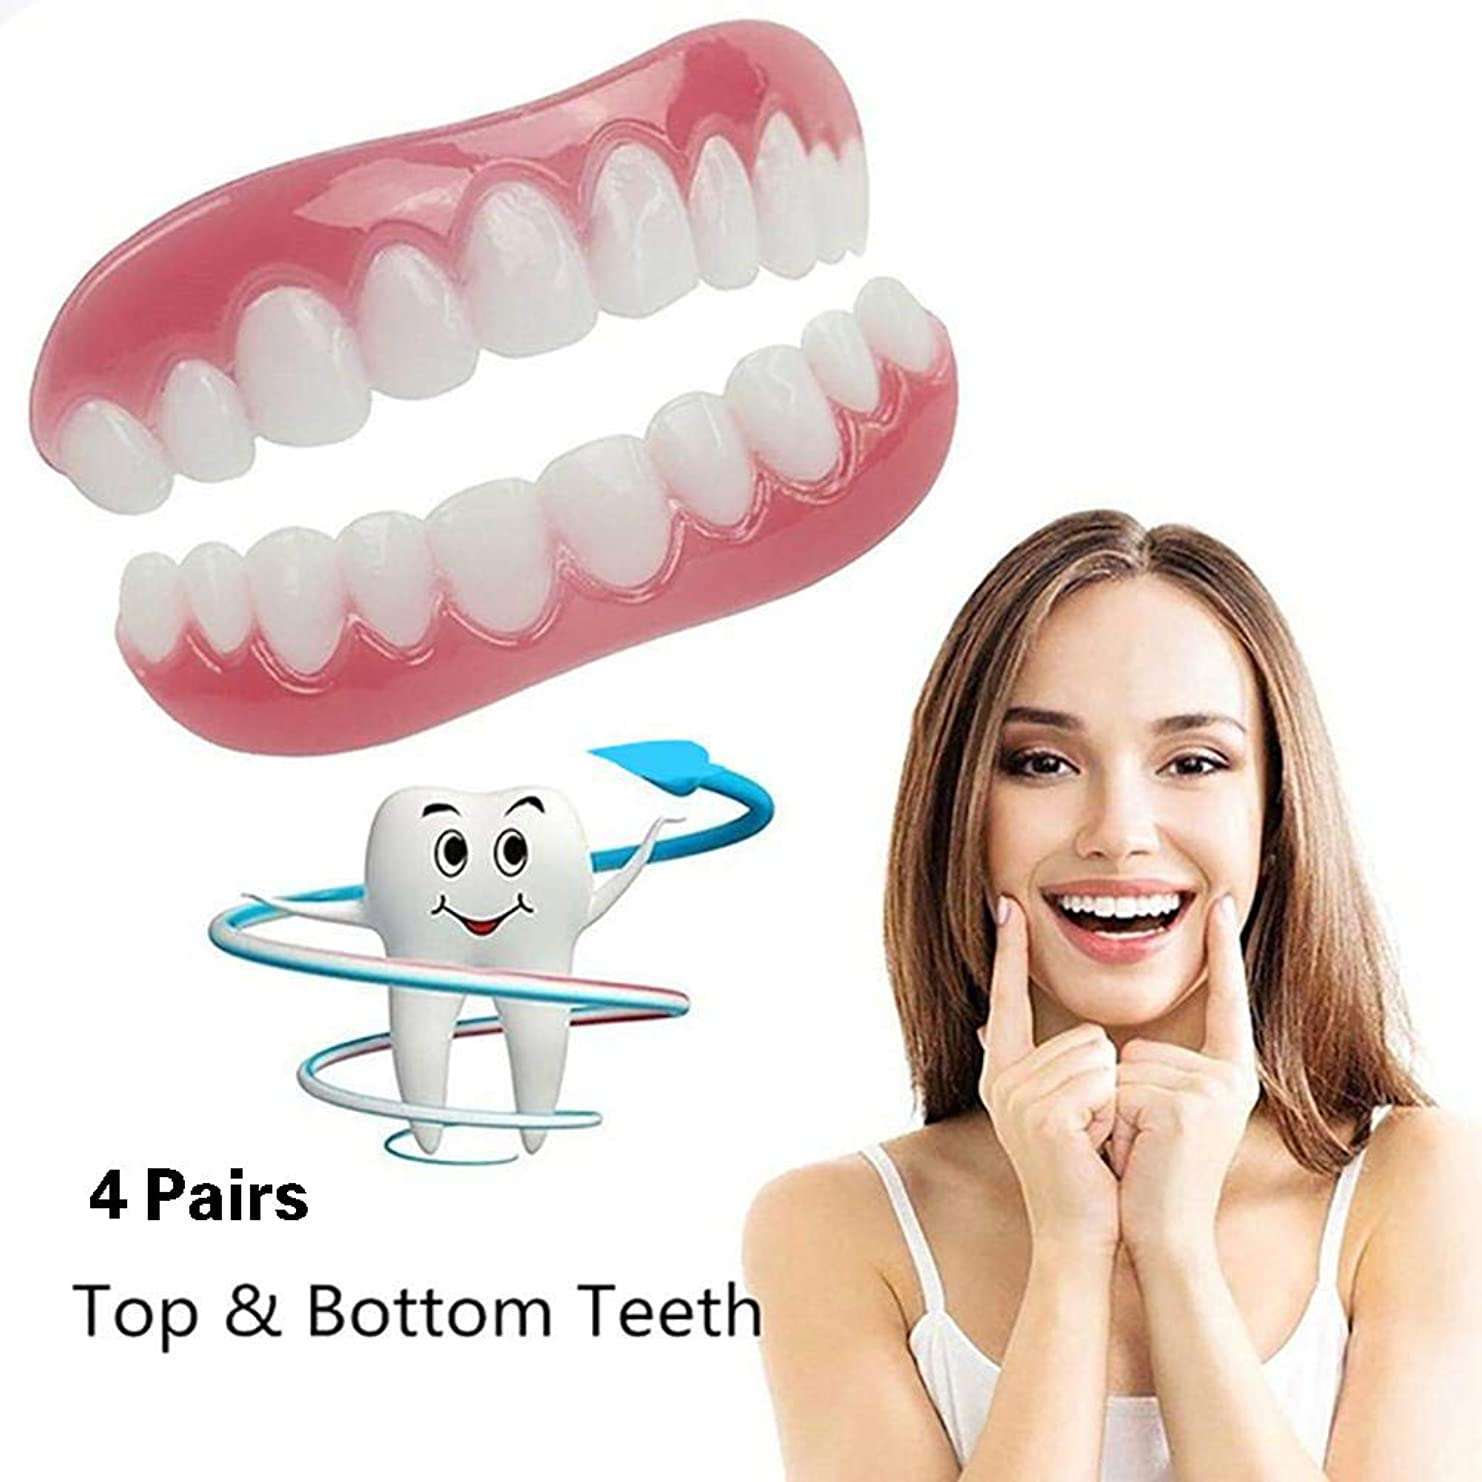 年齢のヒープエレガント8本のシリコーンの歯のベニヤ化粧品の歯のスナップオンセキュアアッパーローフレックス歯科用ベニヤ義歯ケアホワイトニングパーフェクトトゥースワンサイズフィットすべて